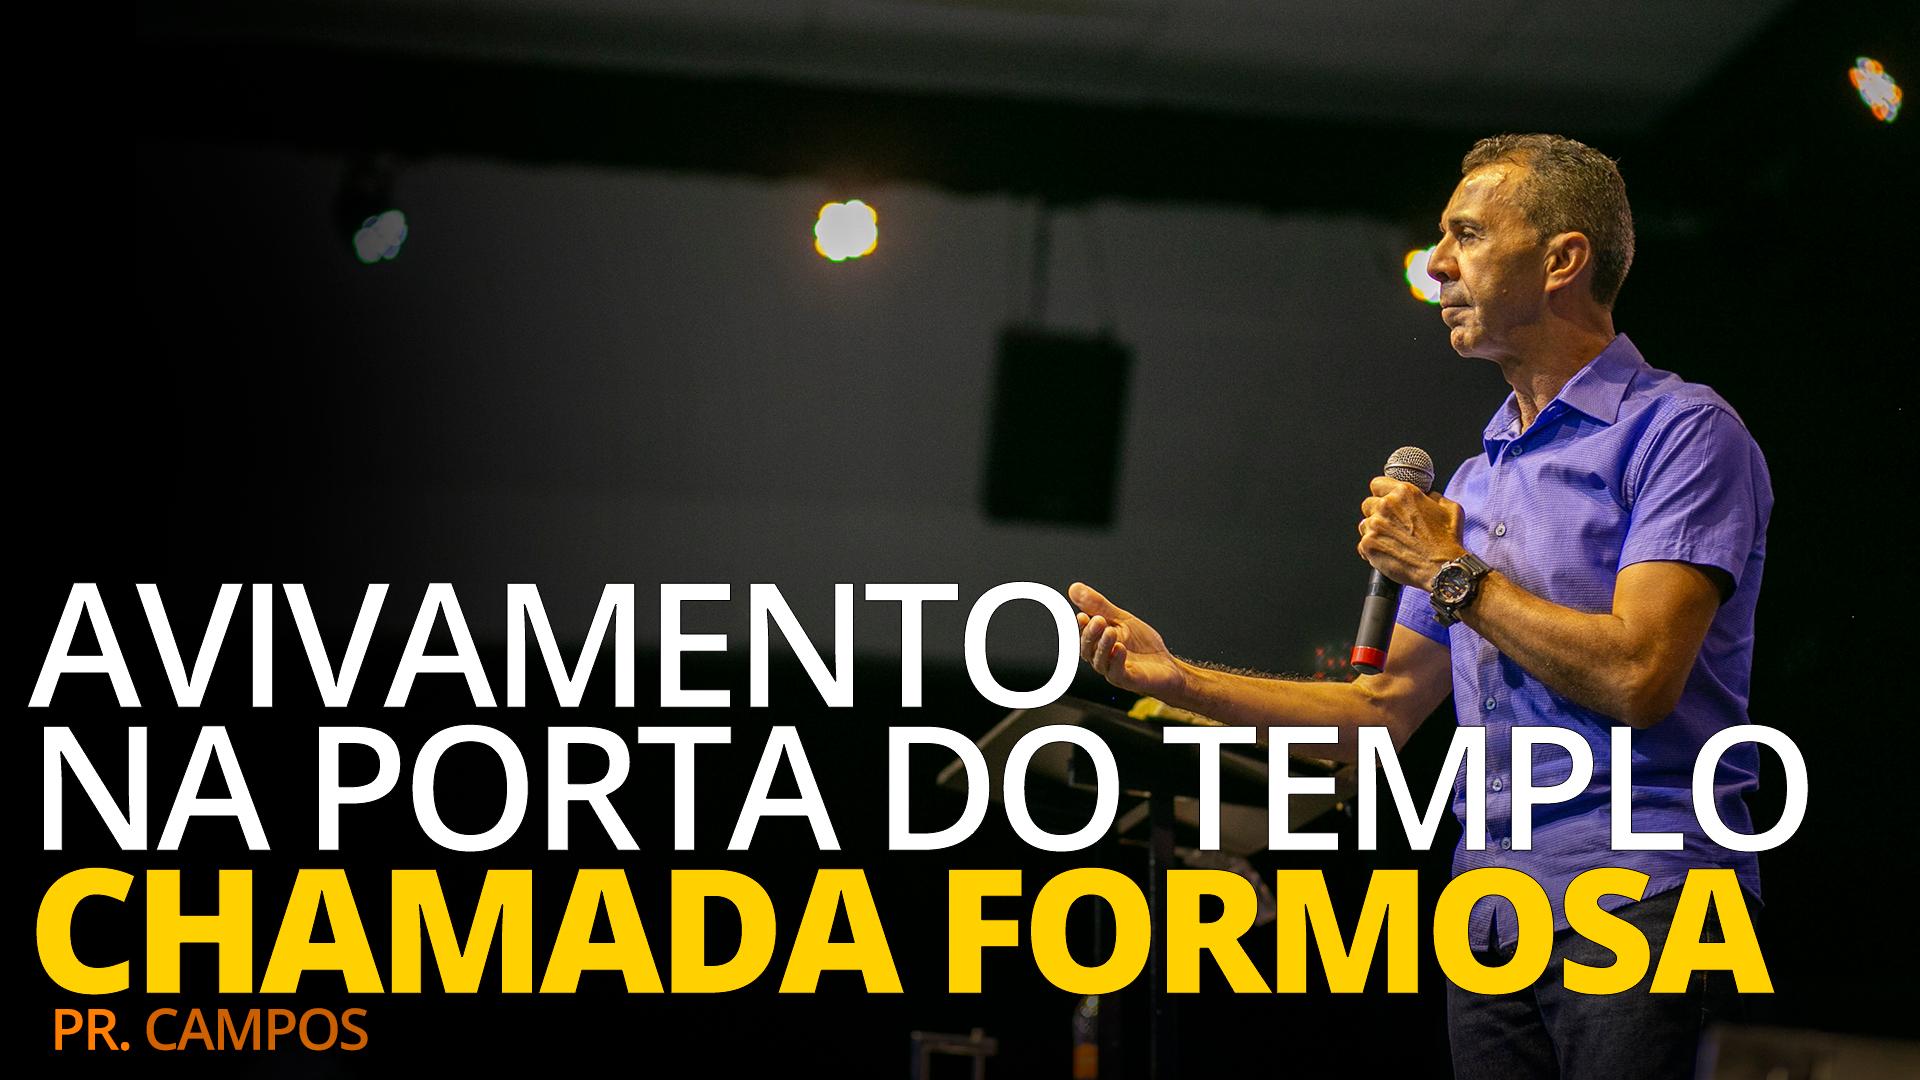 AVIVAMENTO NA PORTA DO TEMPLO CHAMADA FORMOSA